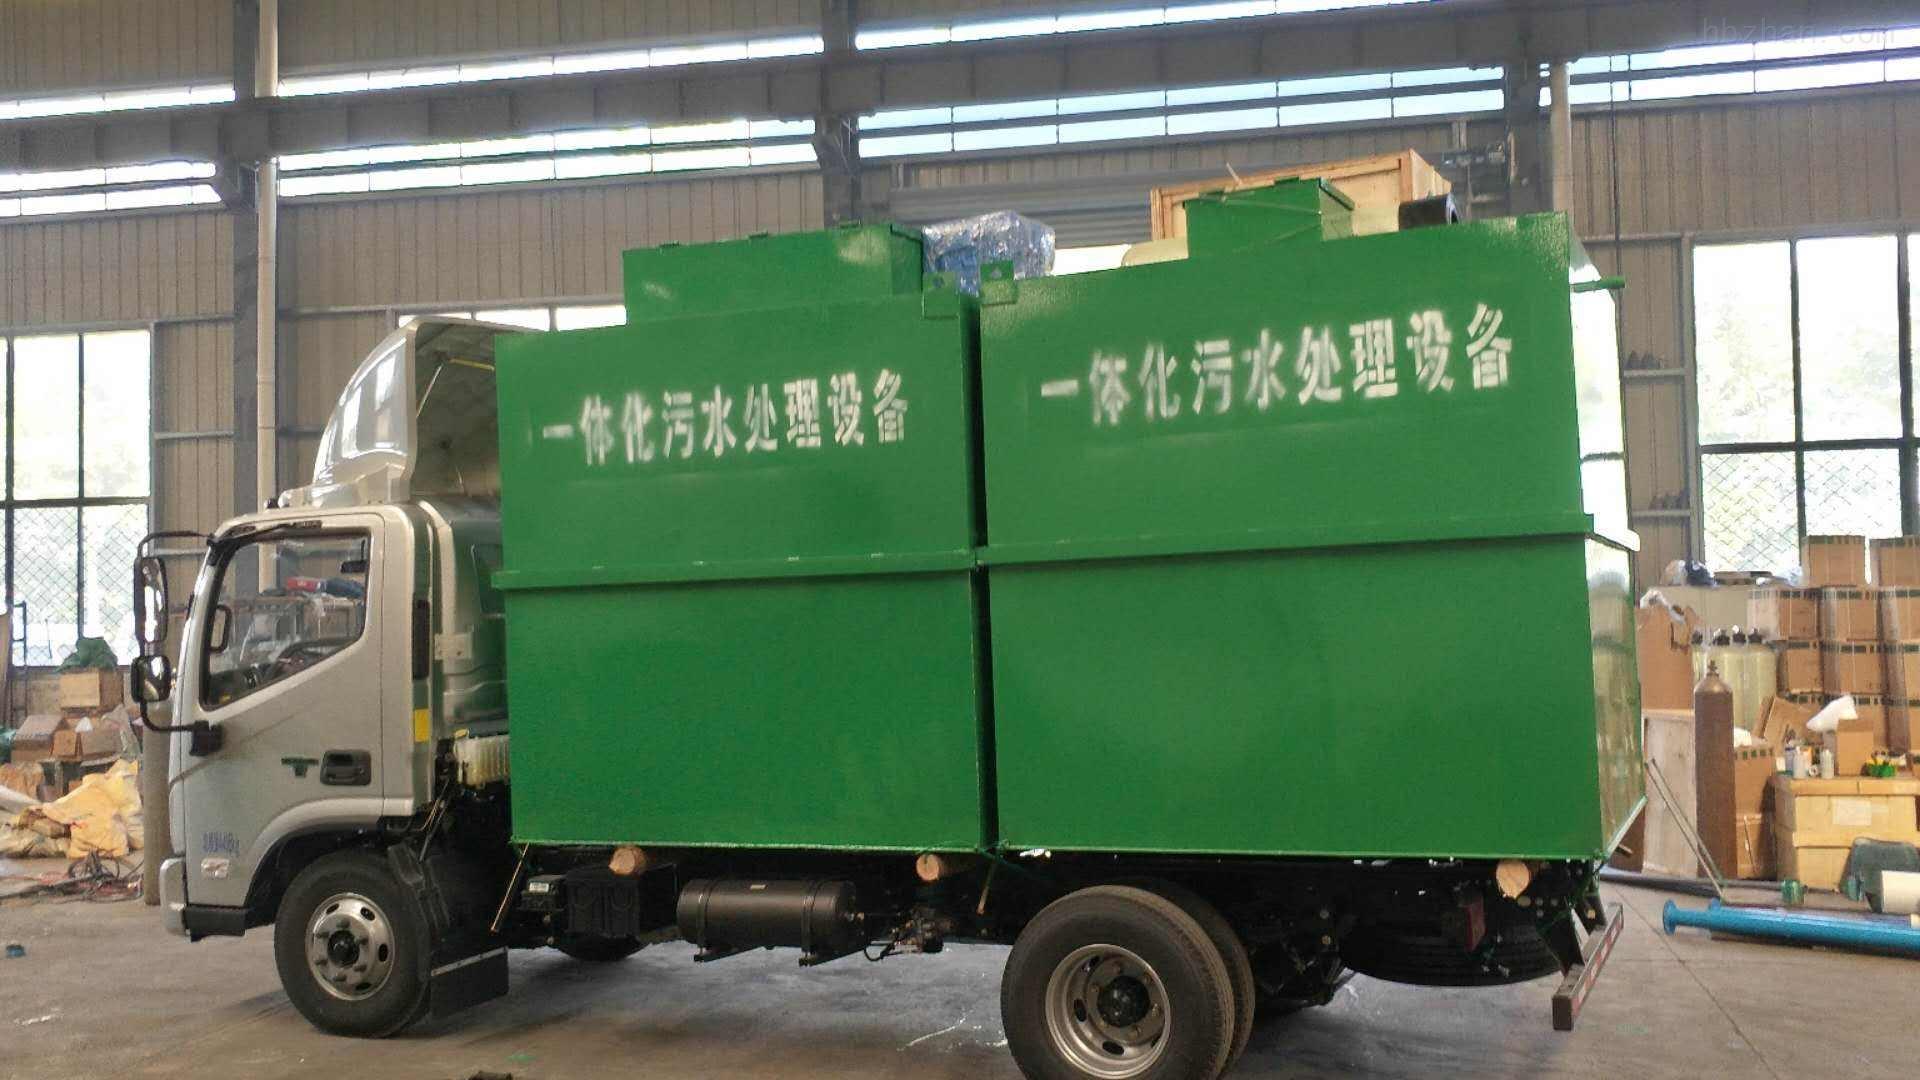 一体化 农村社区 污水处理设备